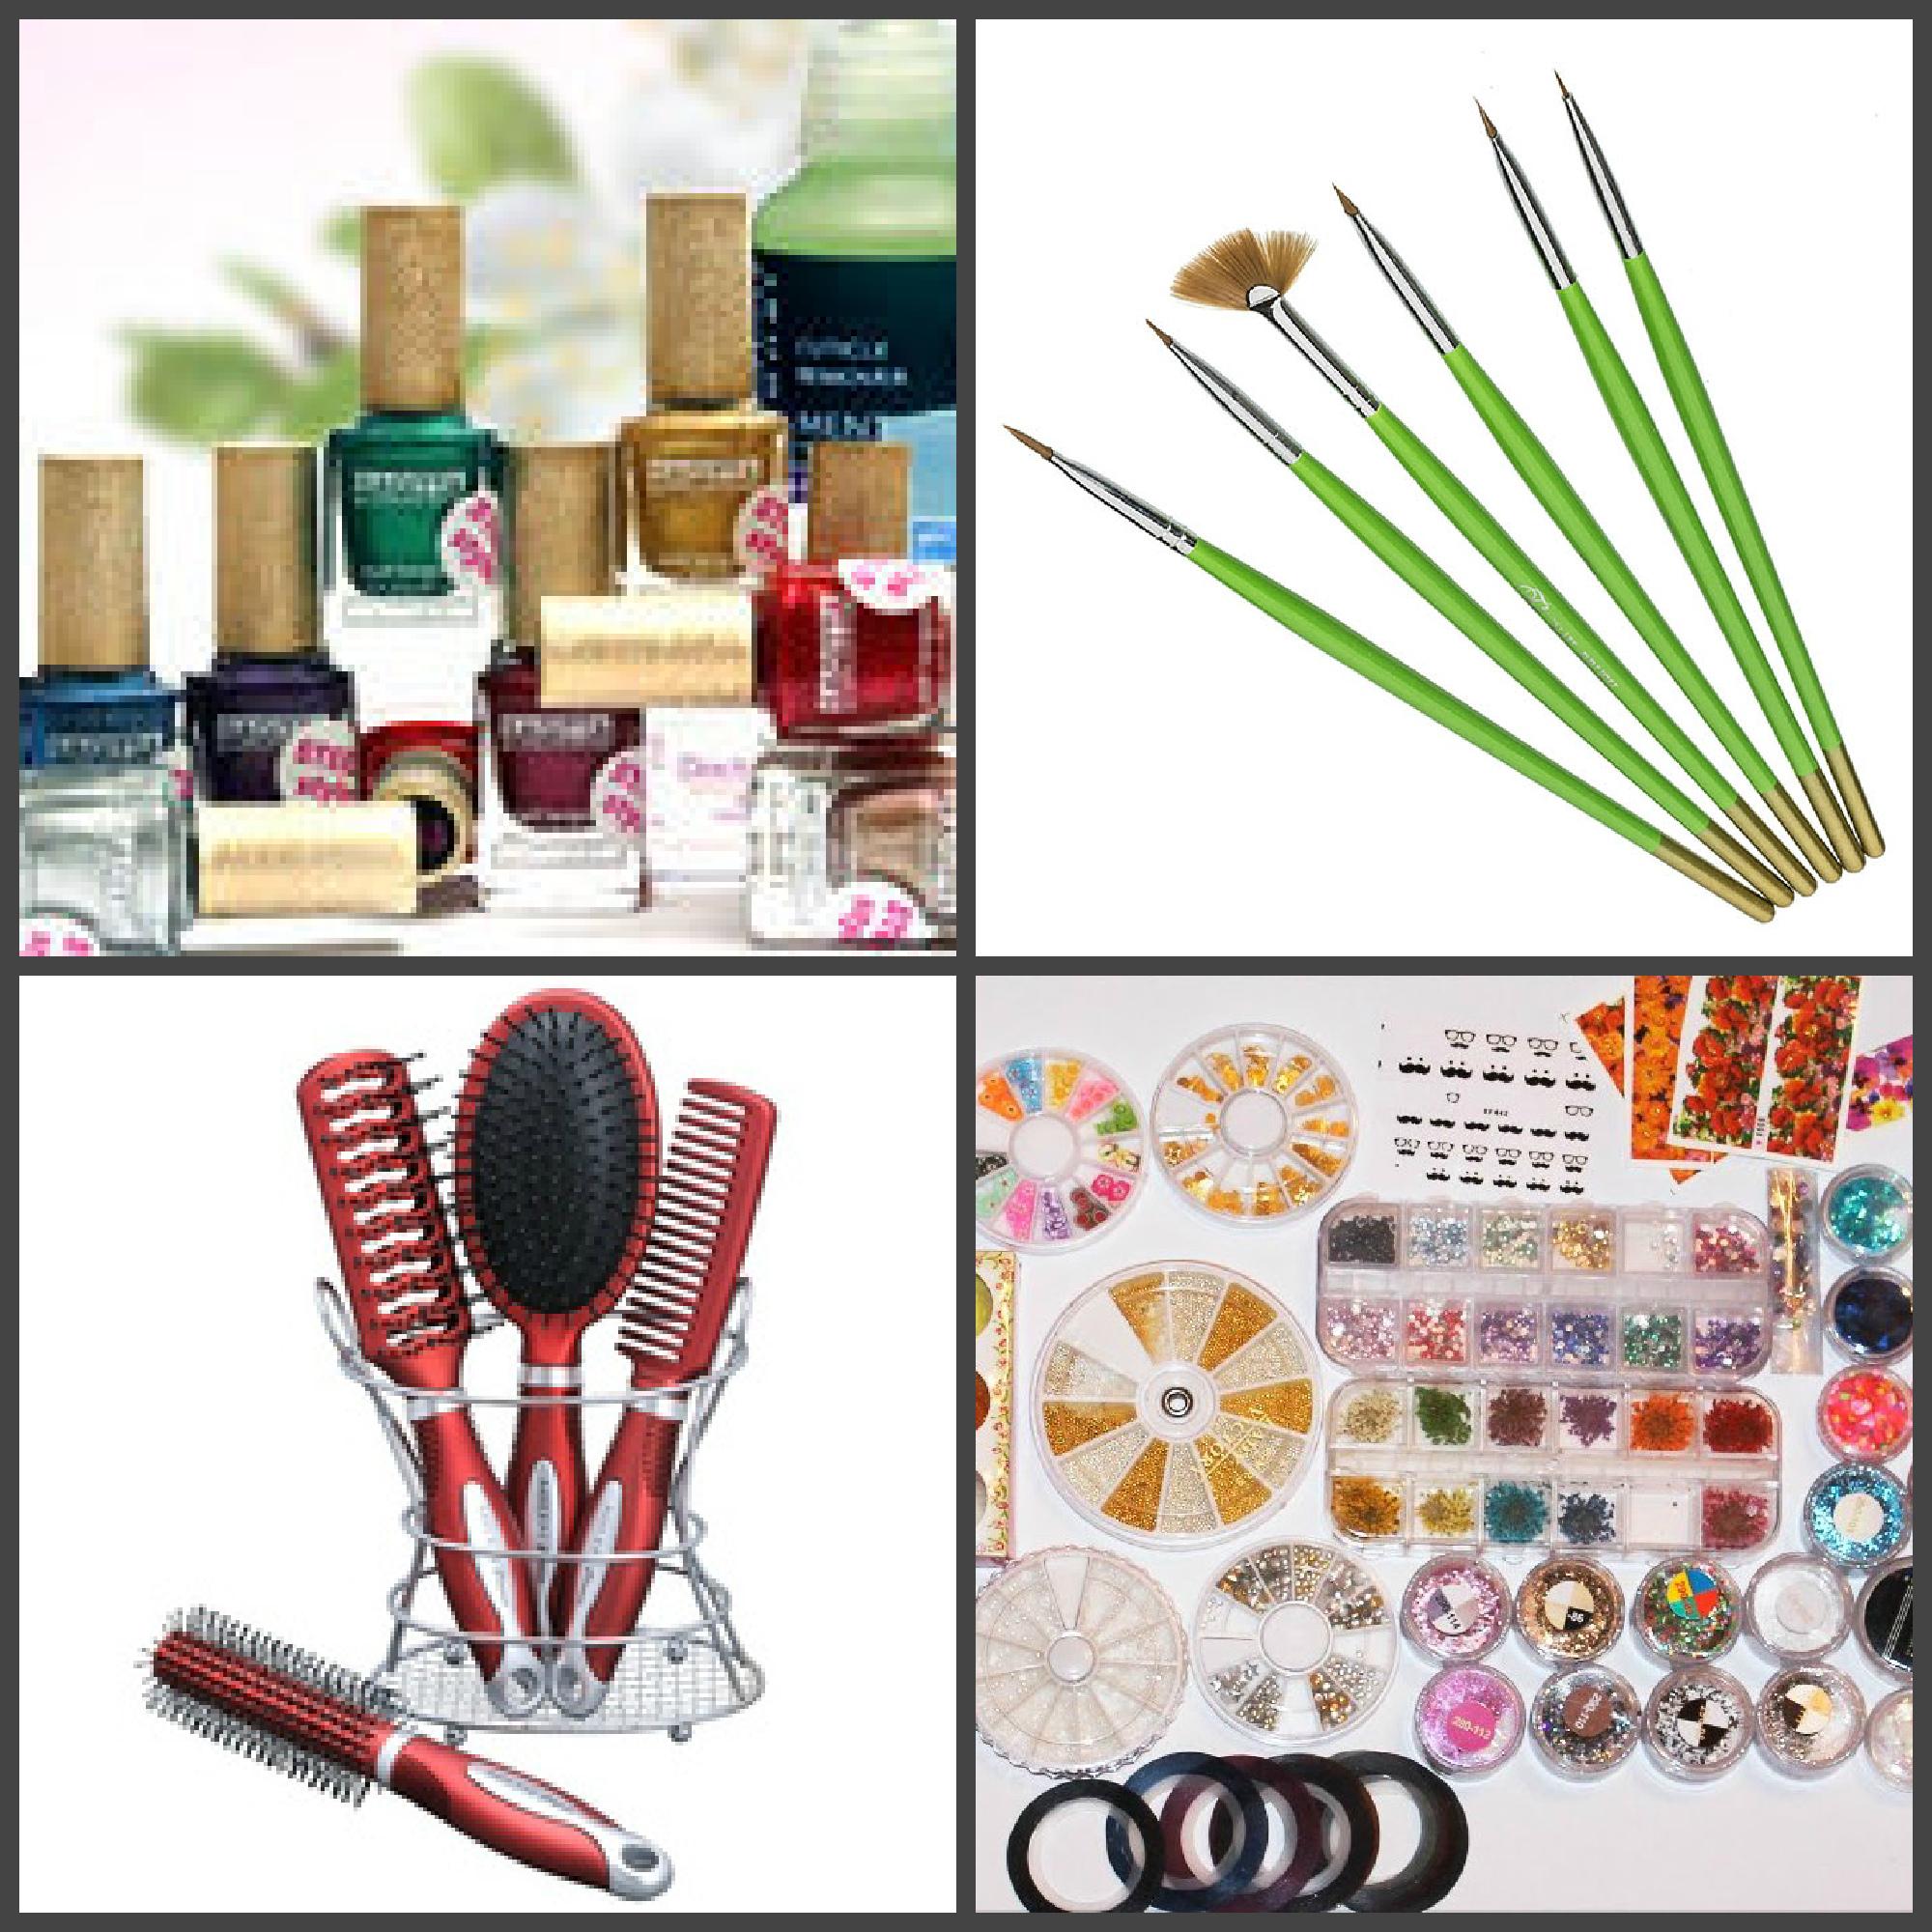 Сбор заказов. Продукция для маникюра и педикюра, для макияжа, для волос, галантерея и прочее. Sagitta, Fiera, Mirage